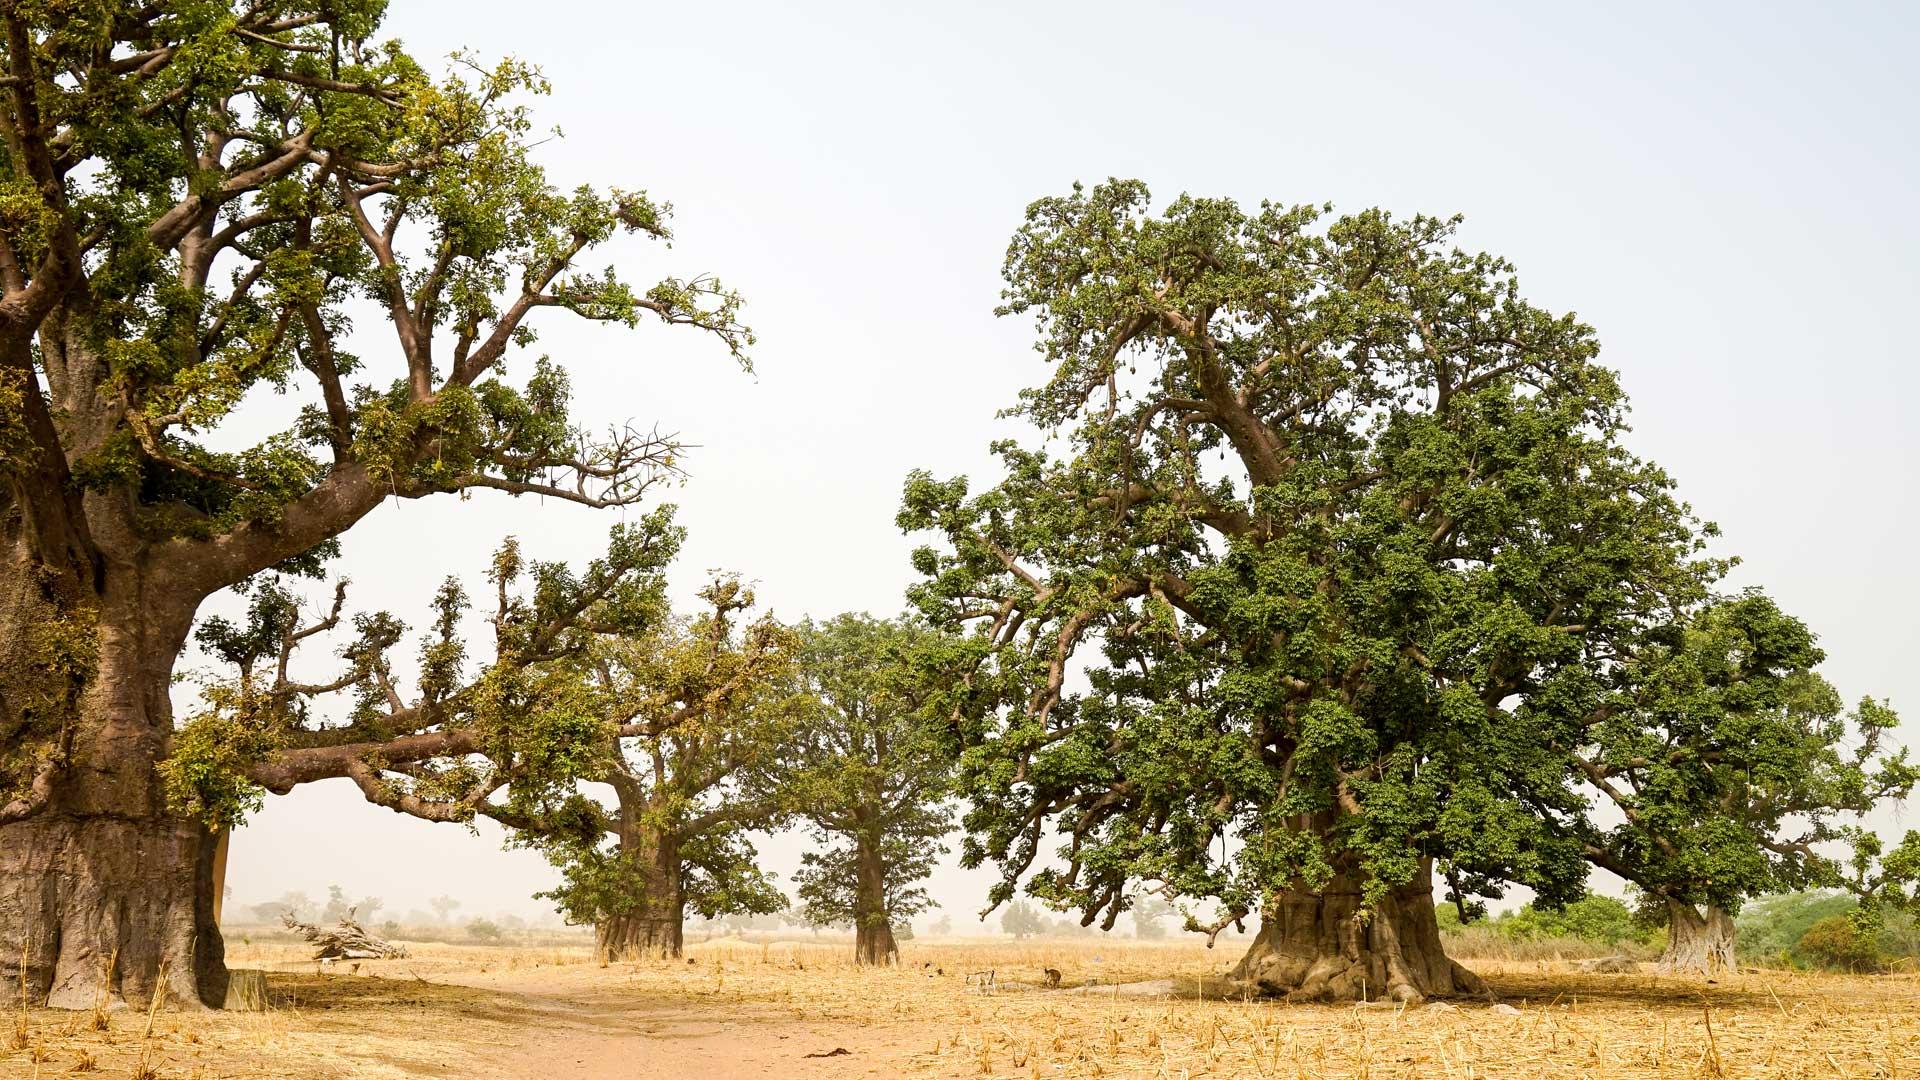 3'500 ha de nature grandiose: pyramides sérères avec chambre mortuaire reconstituée, tombeau de griots au creux d'un baobab millénaire contenant d'authentiques ossements humains, meule de charbonnier et cases peuls.